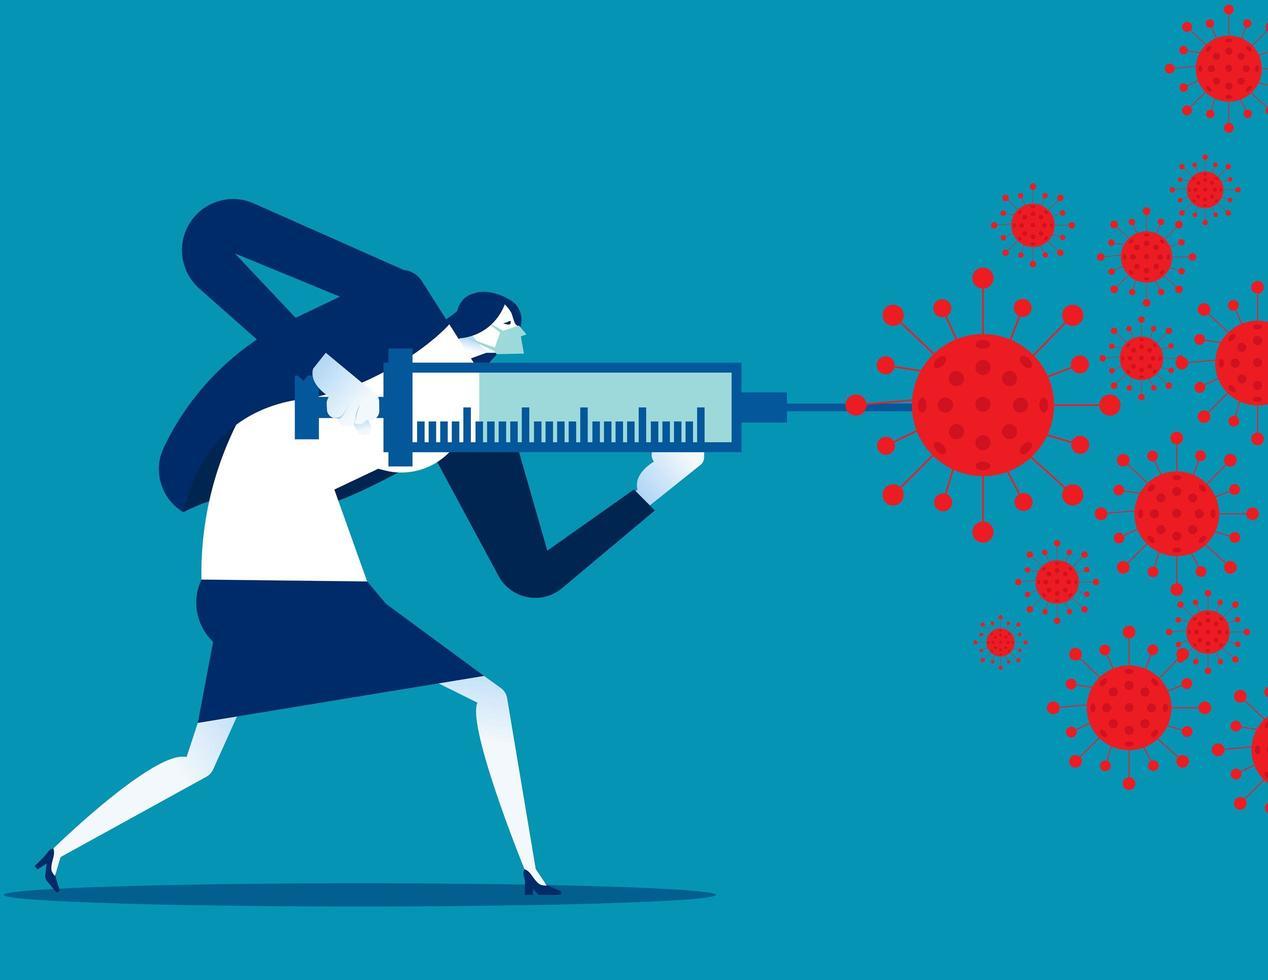 vrouw met vaccin tegen covid 19 vector